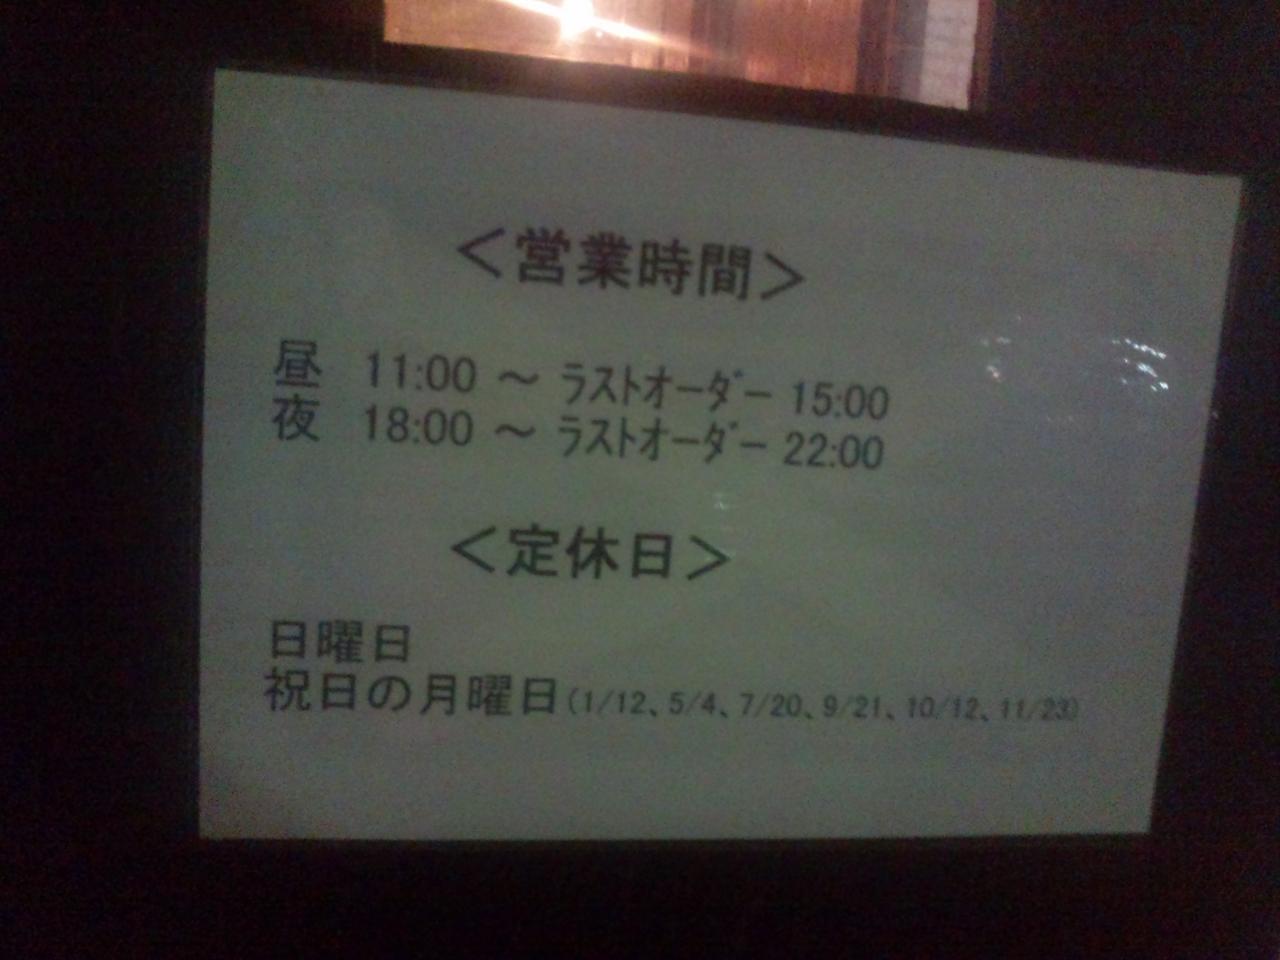 凛渋谷店(営業時間)